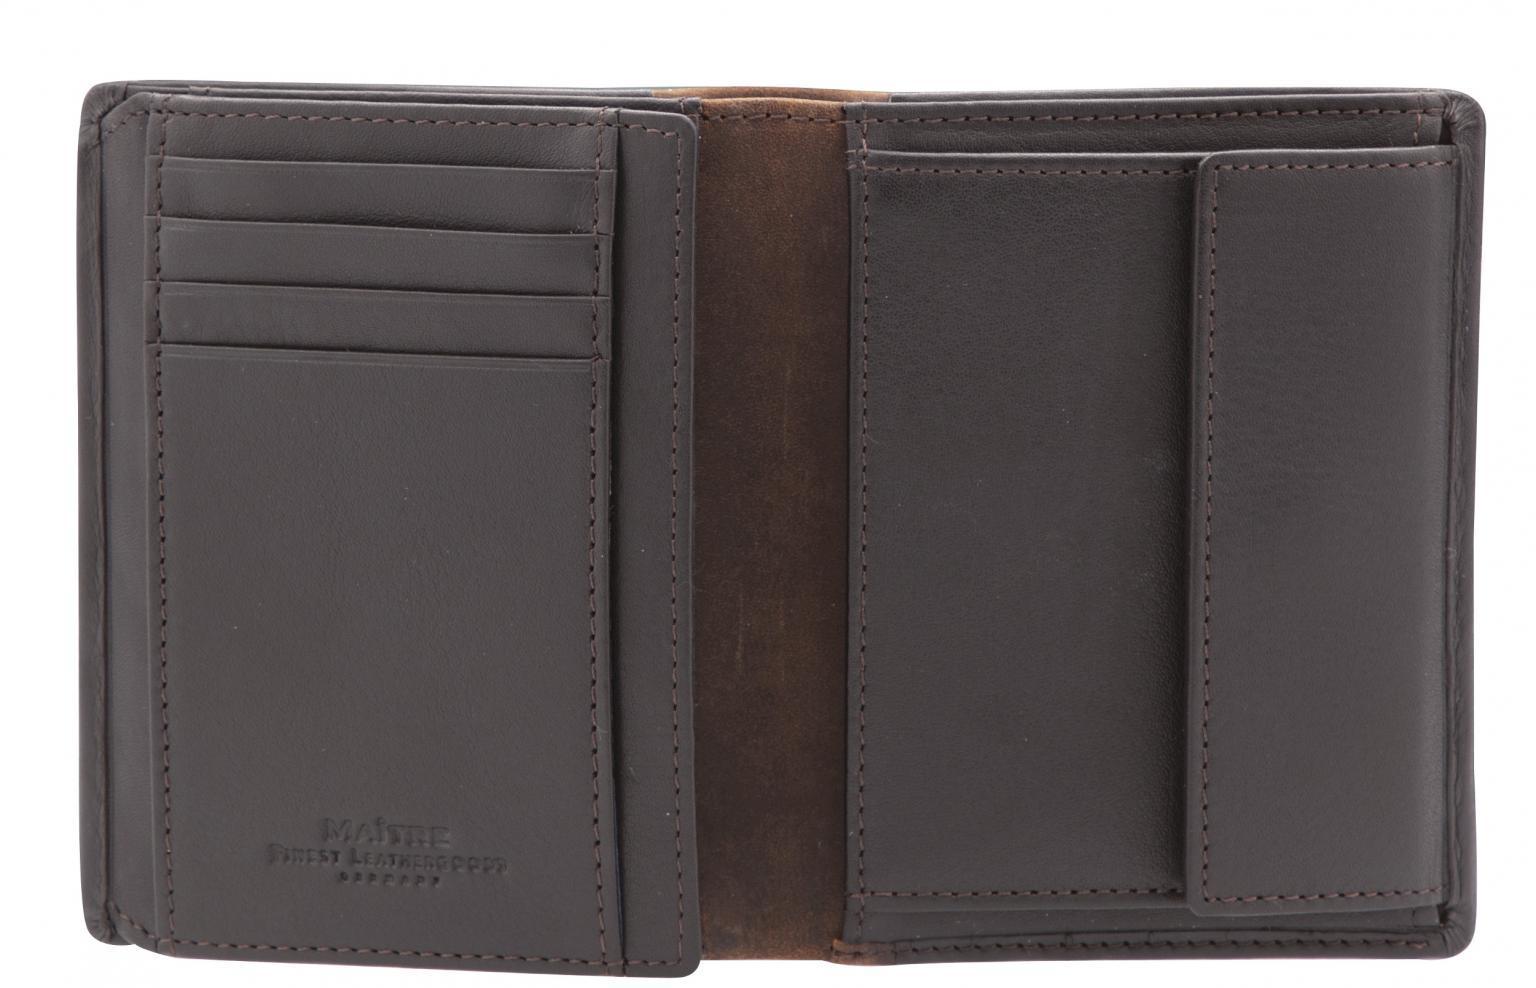 Herrenbörse Hochformat Maitre bundenbach Hainer dark brown RFID